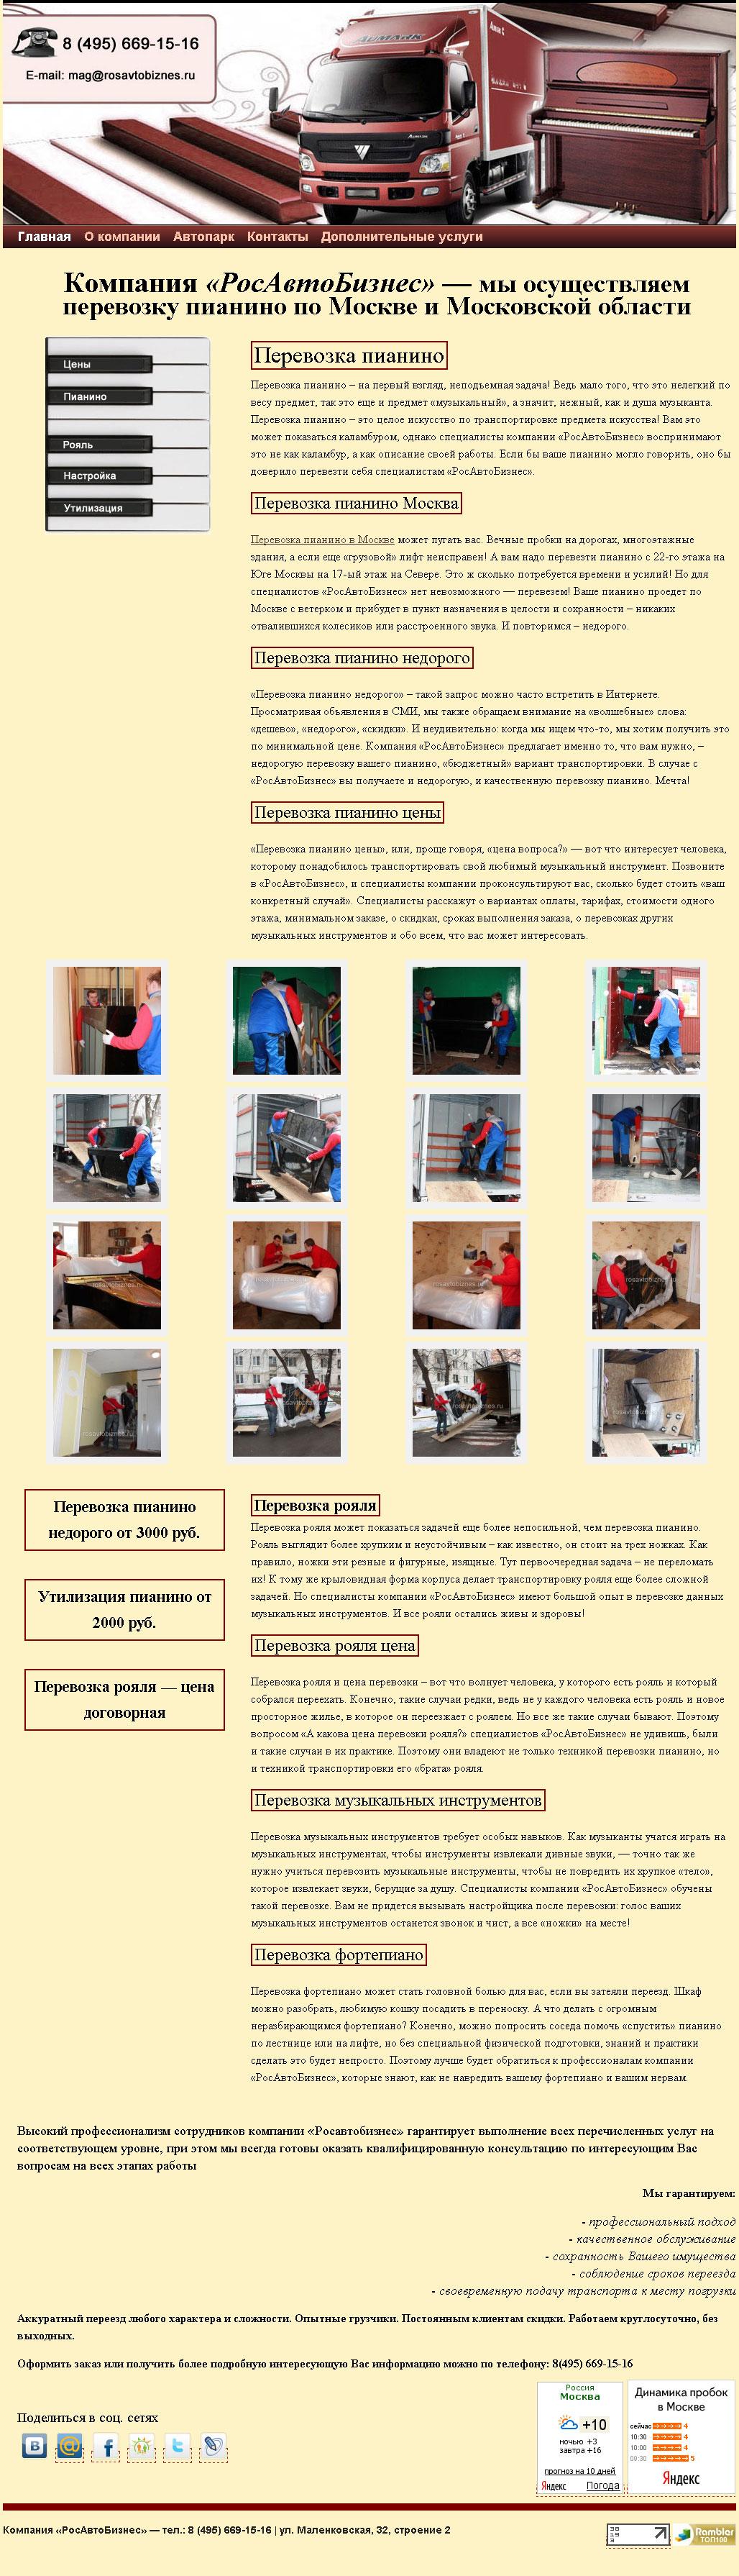 Сайт компании занимающейся переездами в Москве